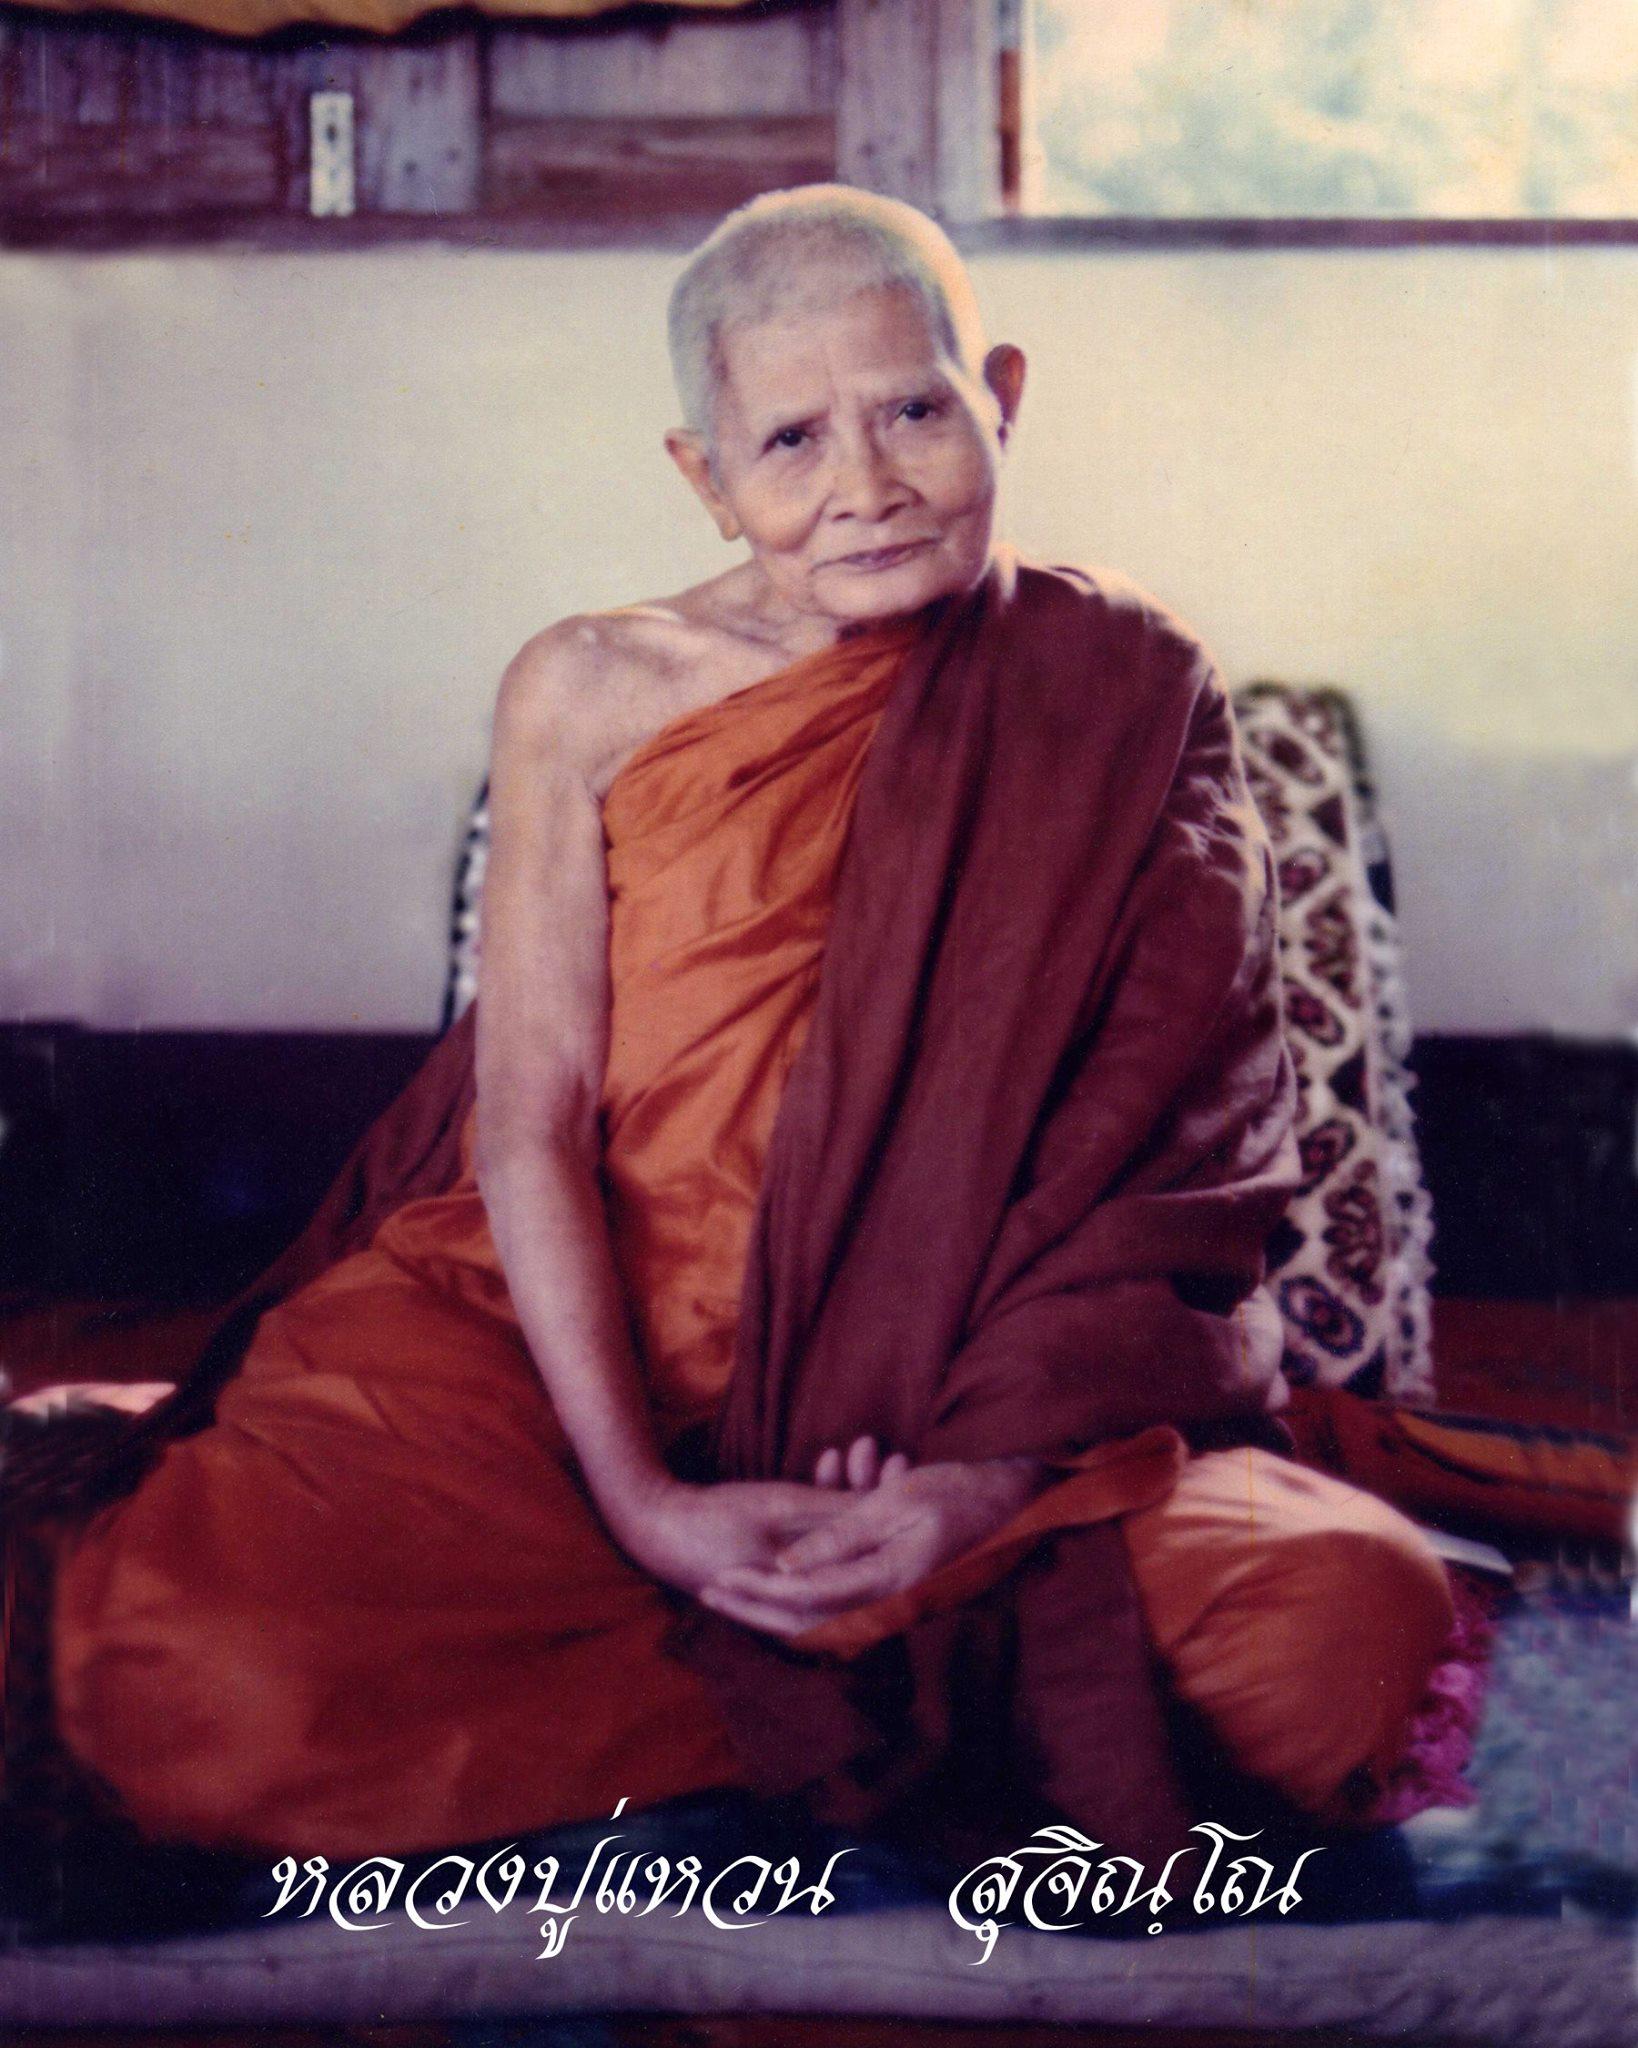 หลวงปู่แหวน สุจิณโณ[1](16 มกราคมพ.ศ. 2430—2 กรกฎาคมพ.ศ. 2528) เป็นภิกษุชาวไทย จำพรรษา ณวัดดอยแม่ปั๋งจังหวัดเชียงใหม่